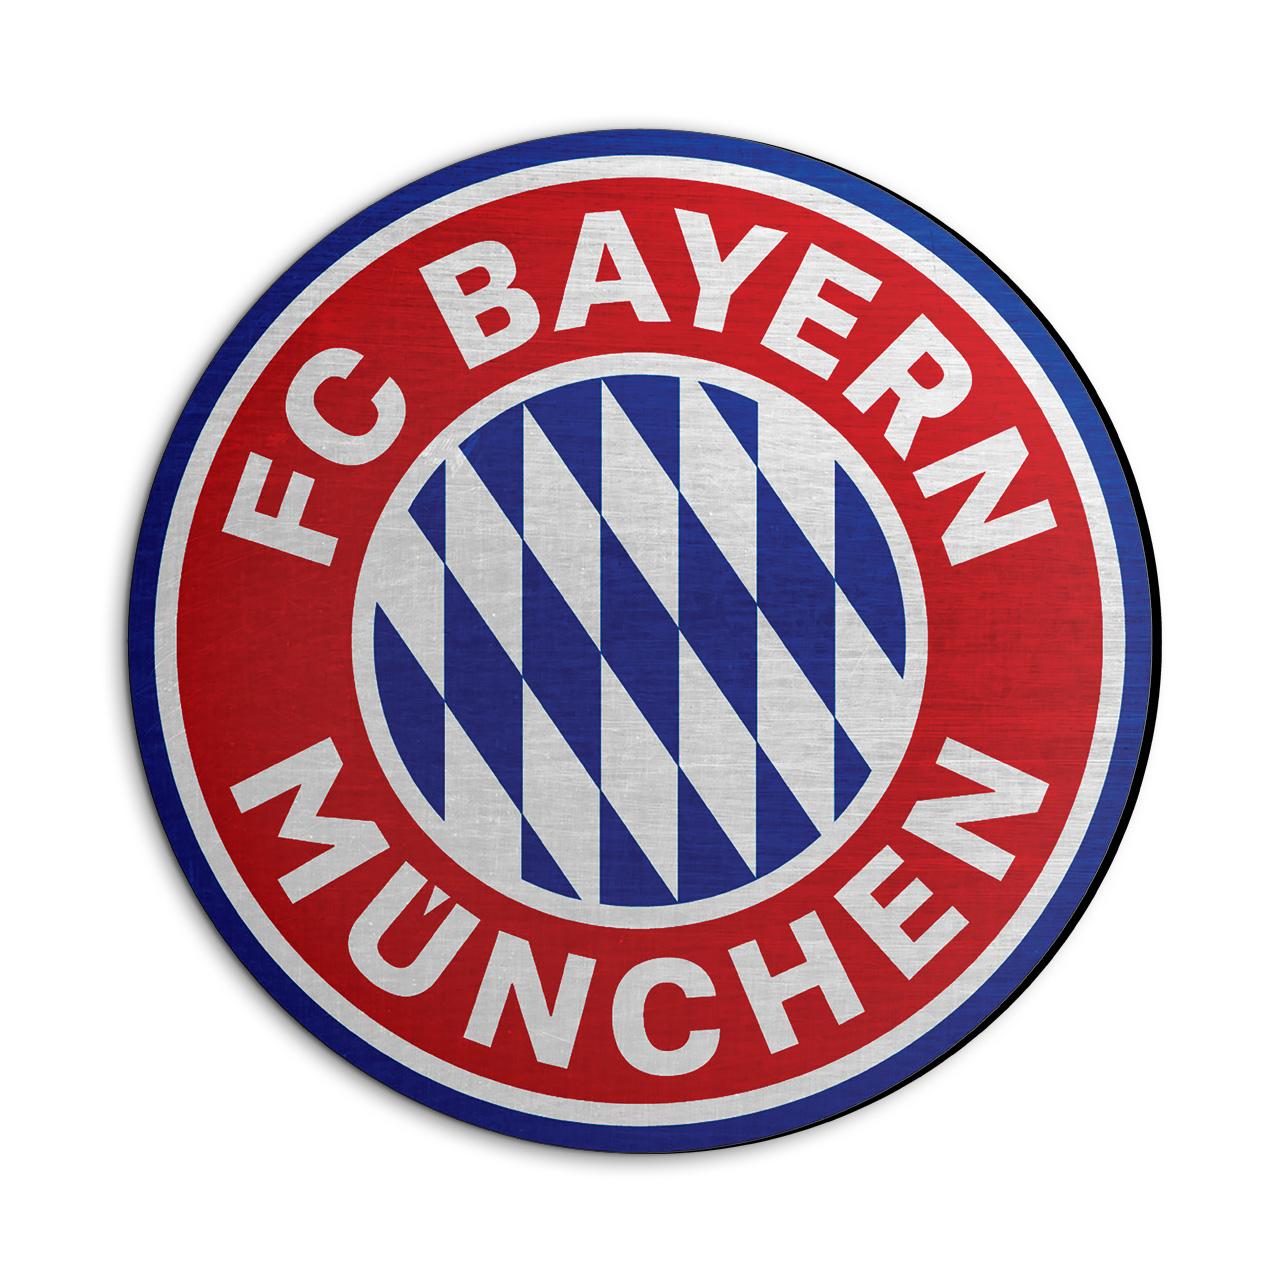 قیمت خرید استیکر چوبی دکوماس طرح باشگاه بایرن مونیخ مدل Bayern DMS-WS118 اورجینال